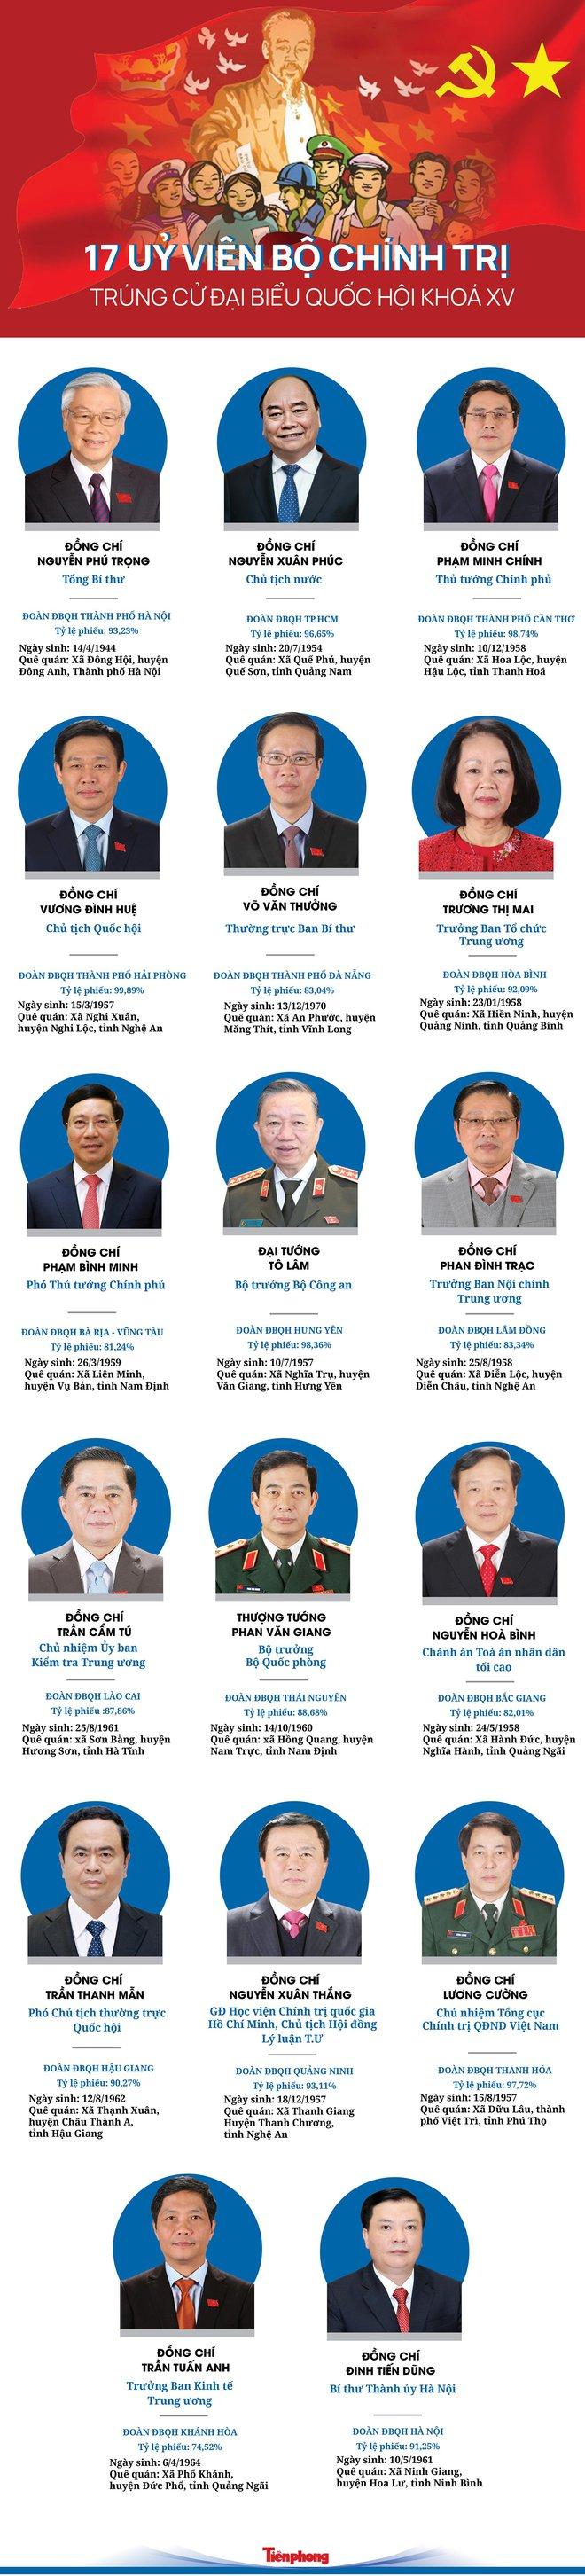 [CHI TIẾT] 17 Uỷ viên Bộ Chính trị trúng cử đại biểu Quốc hội khóa XV - Ảnh 1.